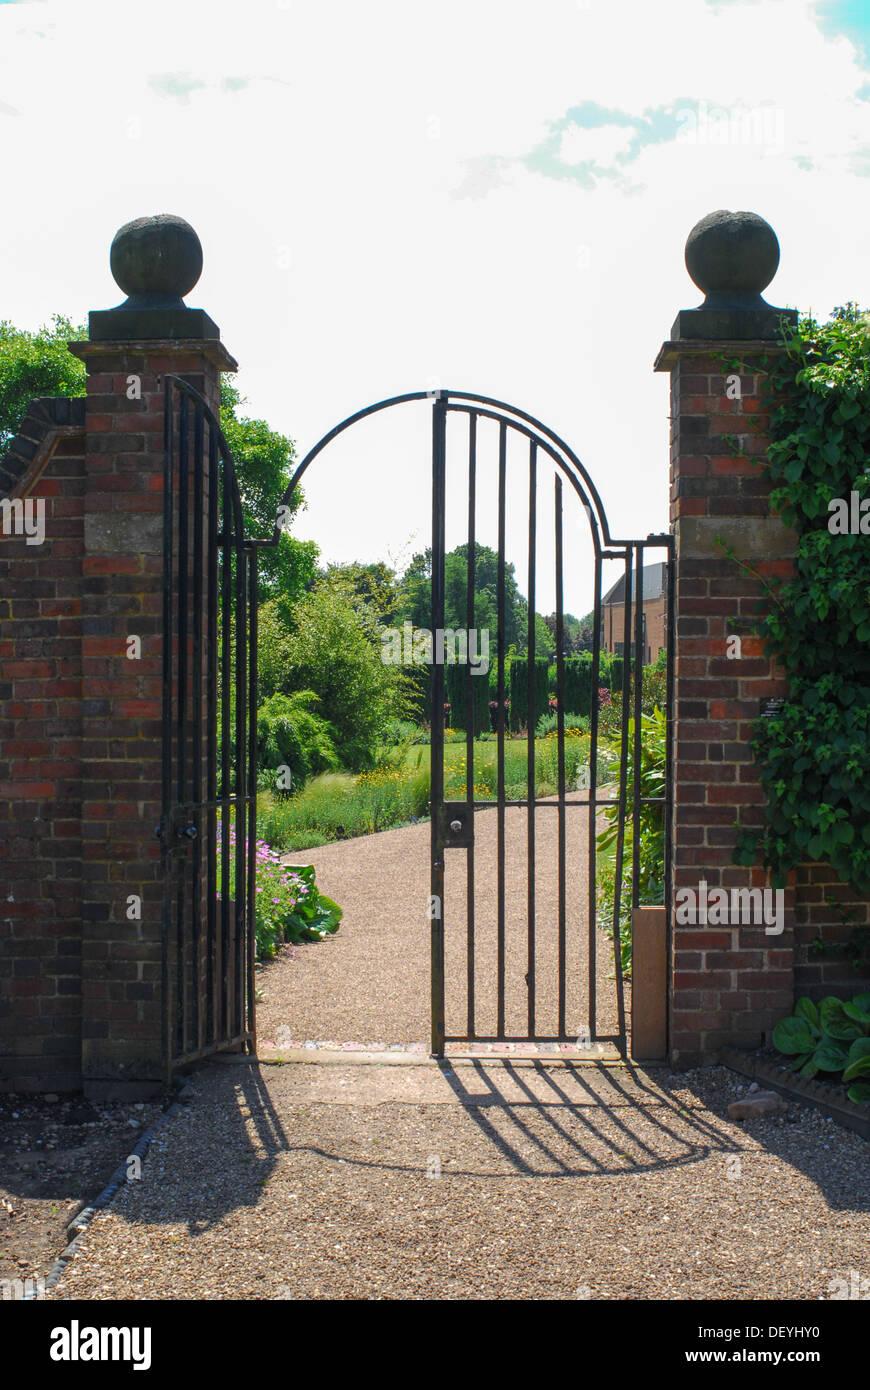 Wrought Iron Pillars Stock Photos Amp Wrought Iron Pillars